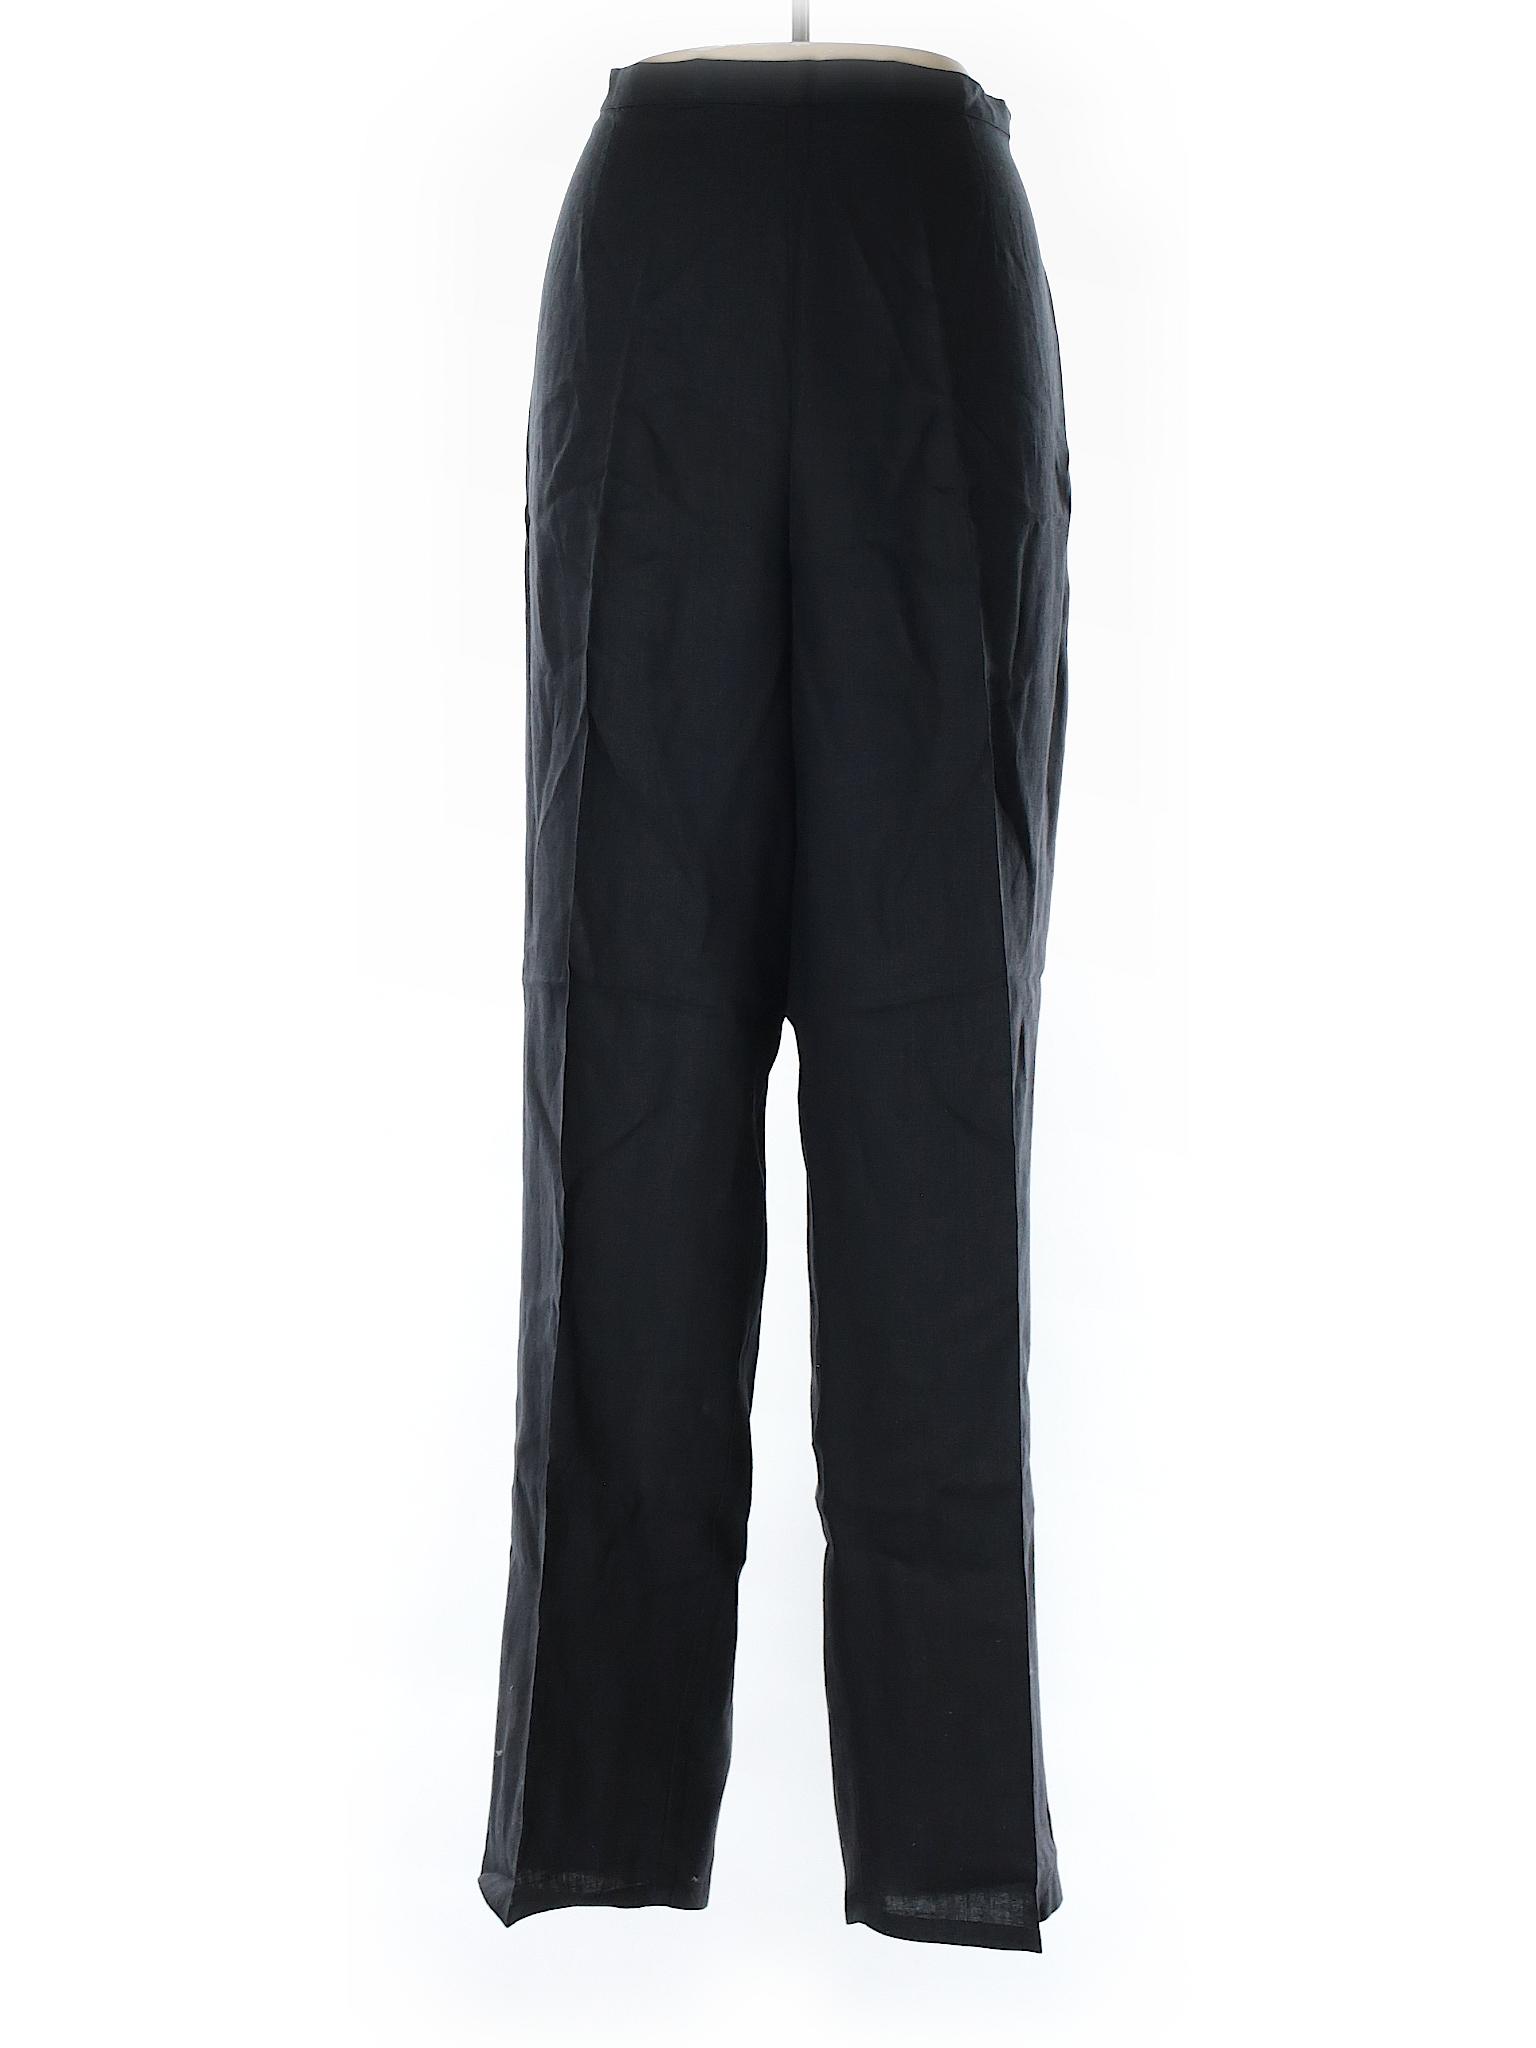 Pants Boutique Talbots winter Boutique Linen winter qP6x8w6